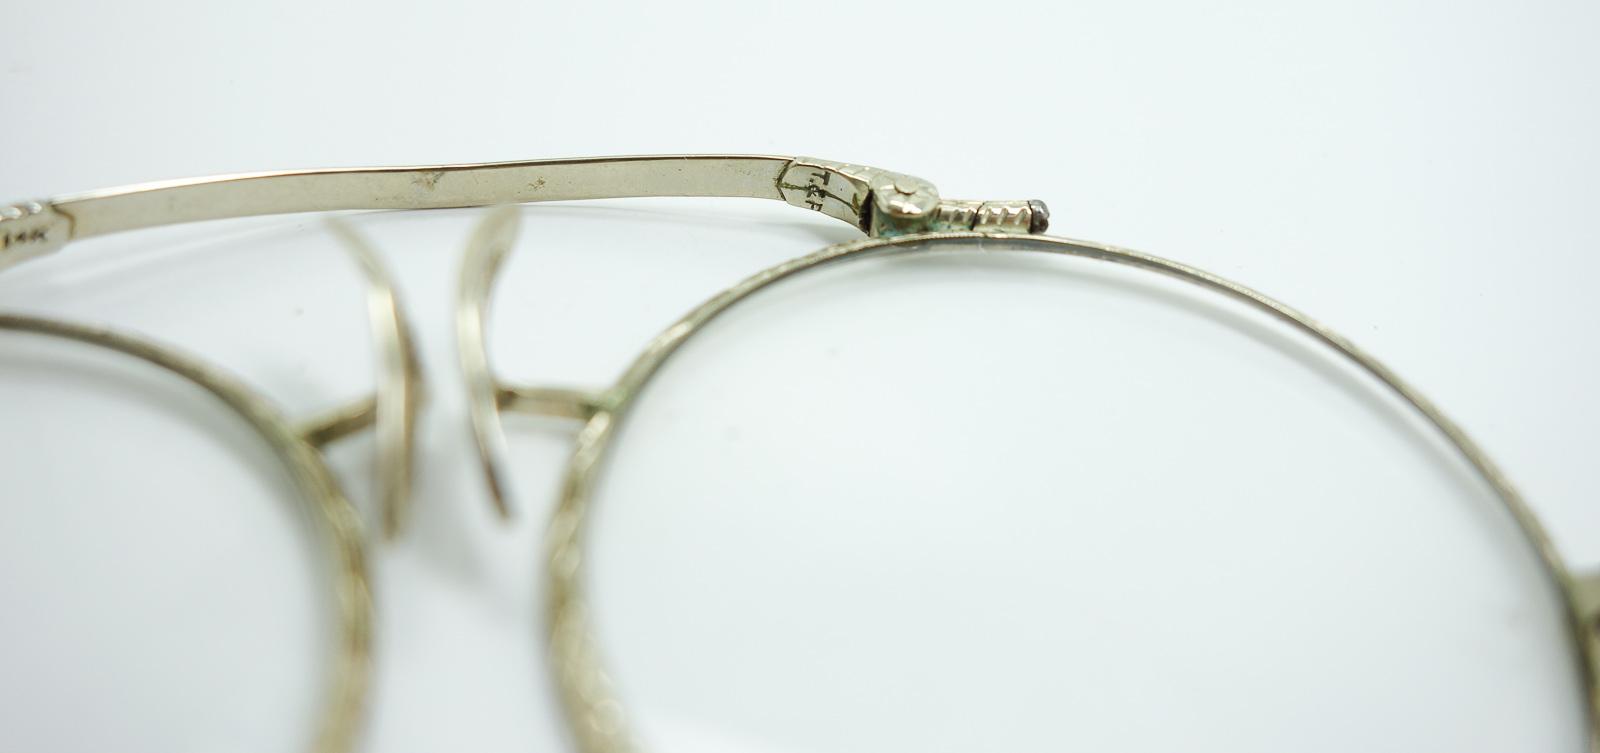 14k Solid Gold Eyeglass Frames : Vintage 1920s Art Deco 14K White Gold Filigree Mechanical ...